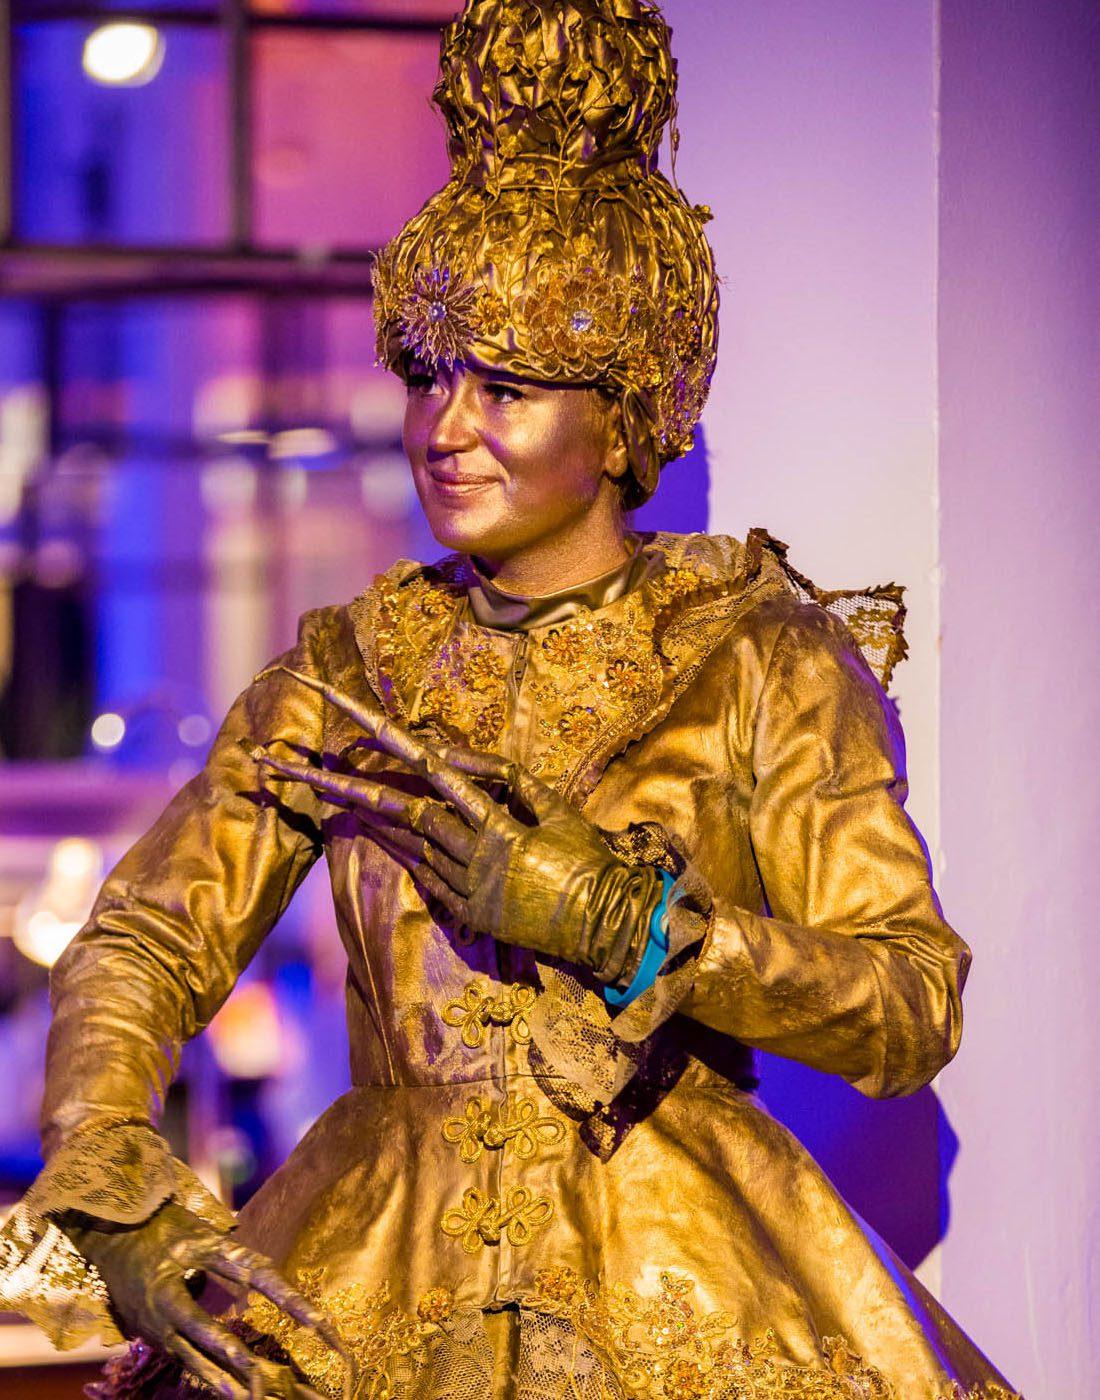 Levend standbeeld hostess bij bedrijfsfeest Gooiland